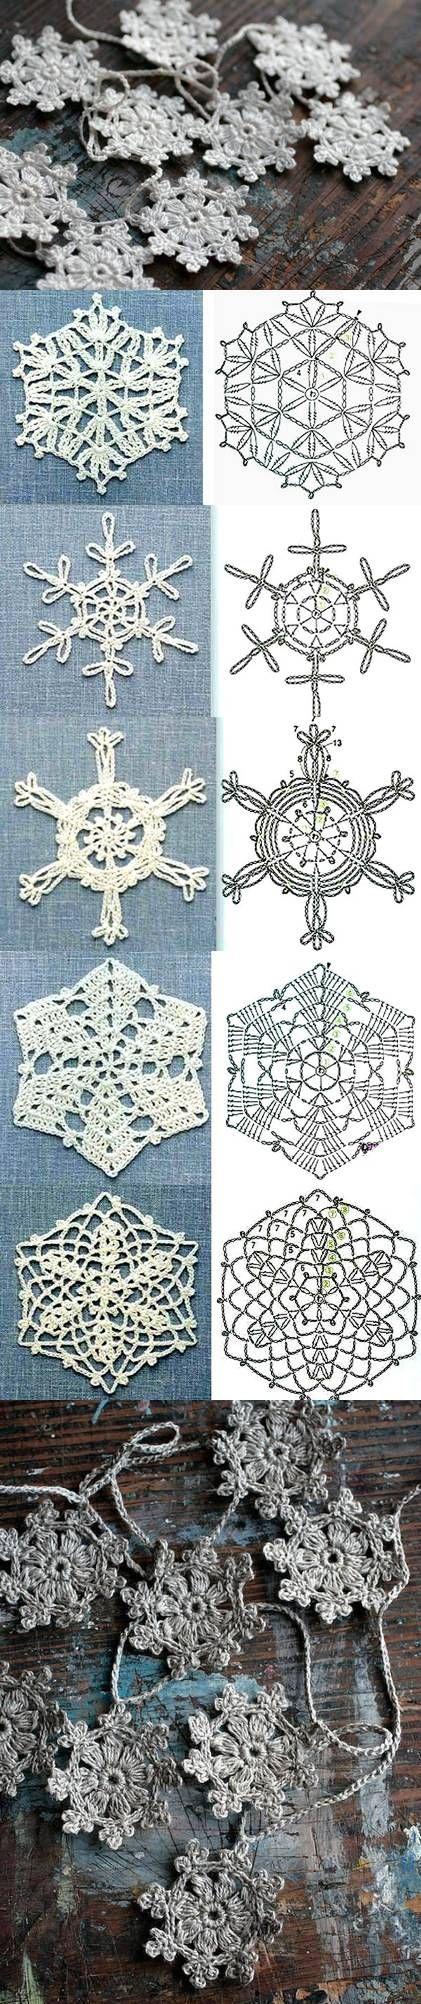 DIY Schemes Crochet Snowflakes